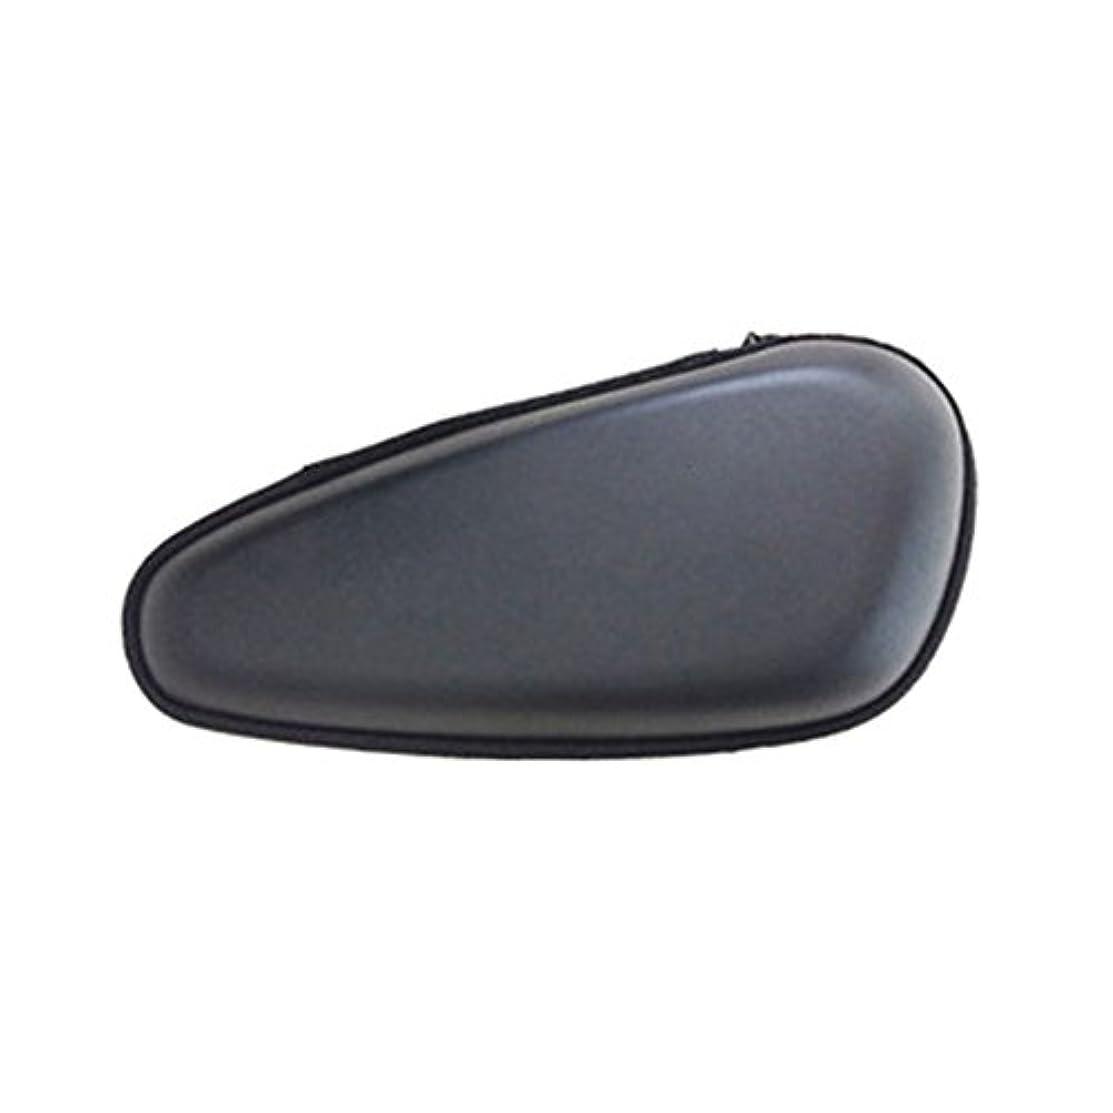 動目指す融合HZjundasi Replacement シェーバートラベルケースバッグ for Philips HQ912/909/986/917/904/902